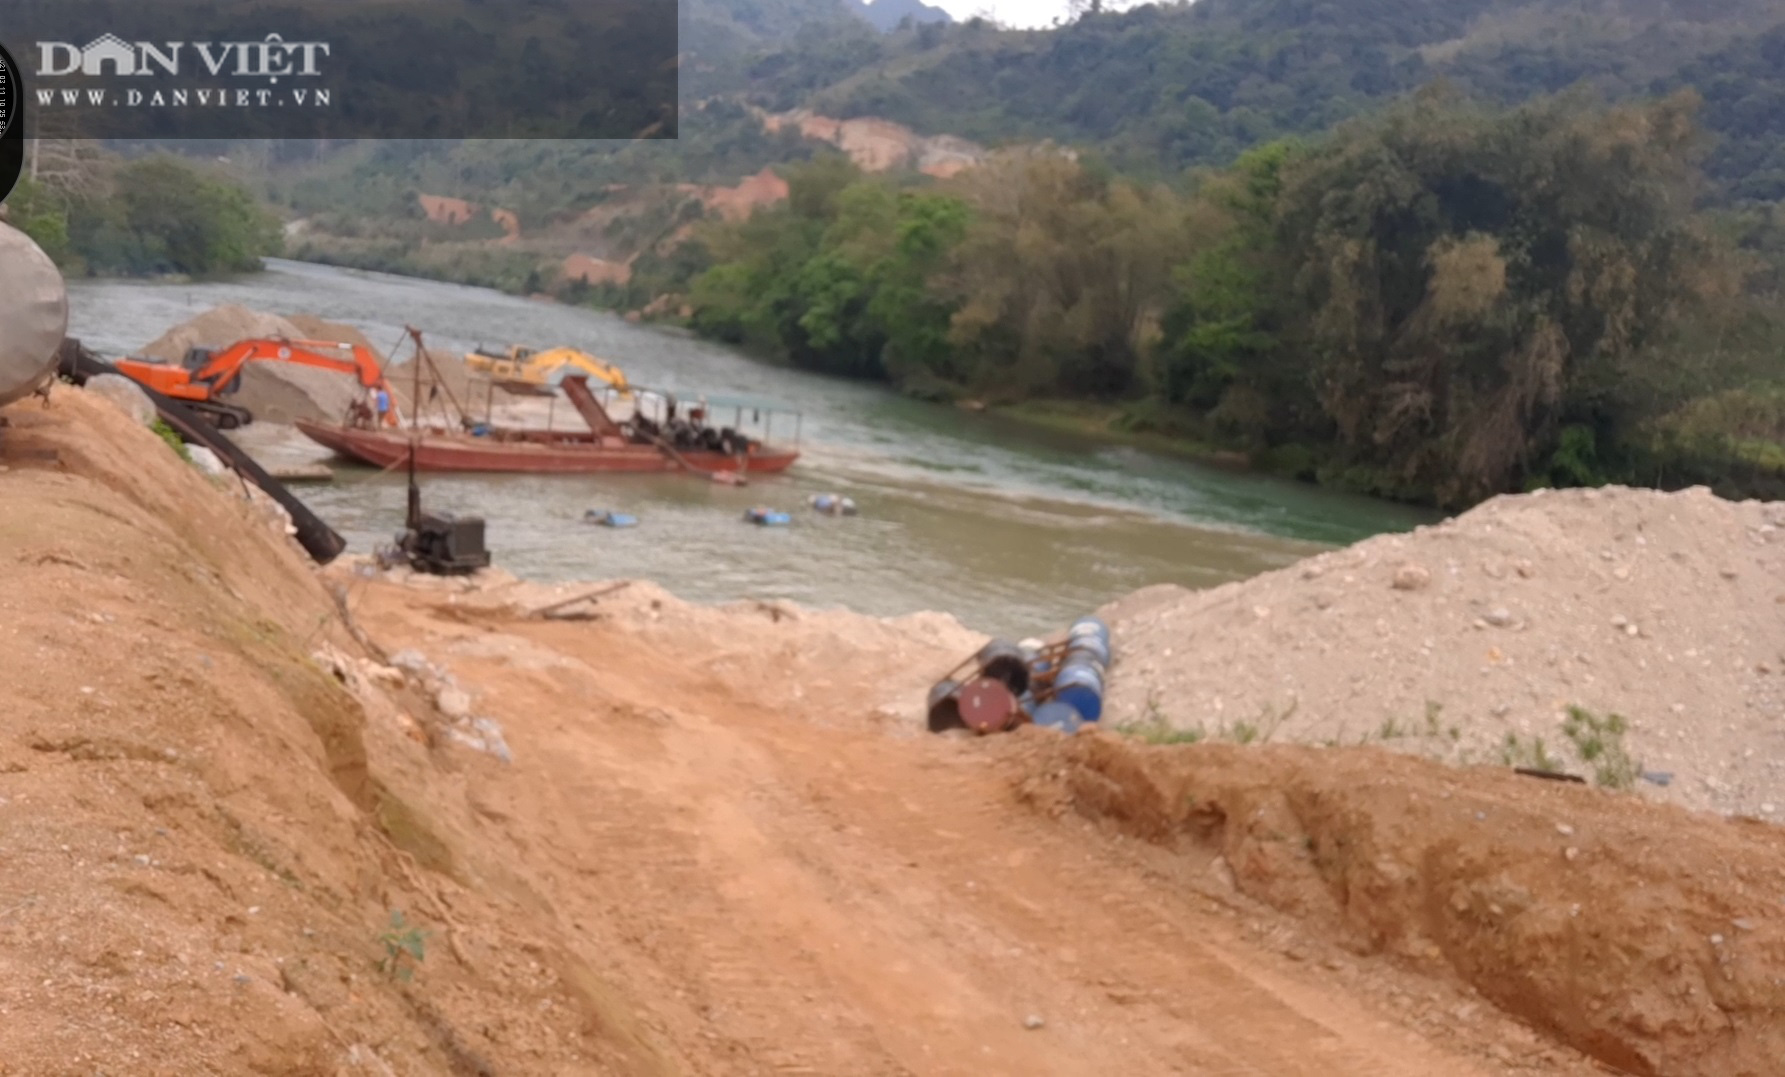 """""""Tảng băng chìm"""" quản lý khai thác cát ở sông Lô (Bài 2): Núp bóng """"Chương trình quốc gia"""" để khai thác cát trái phép - Ảnh 7."""